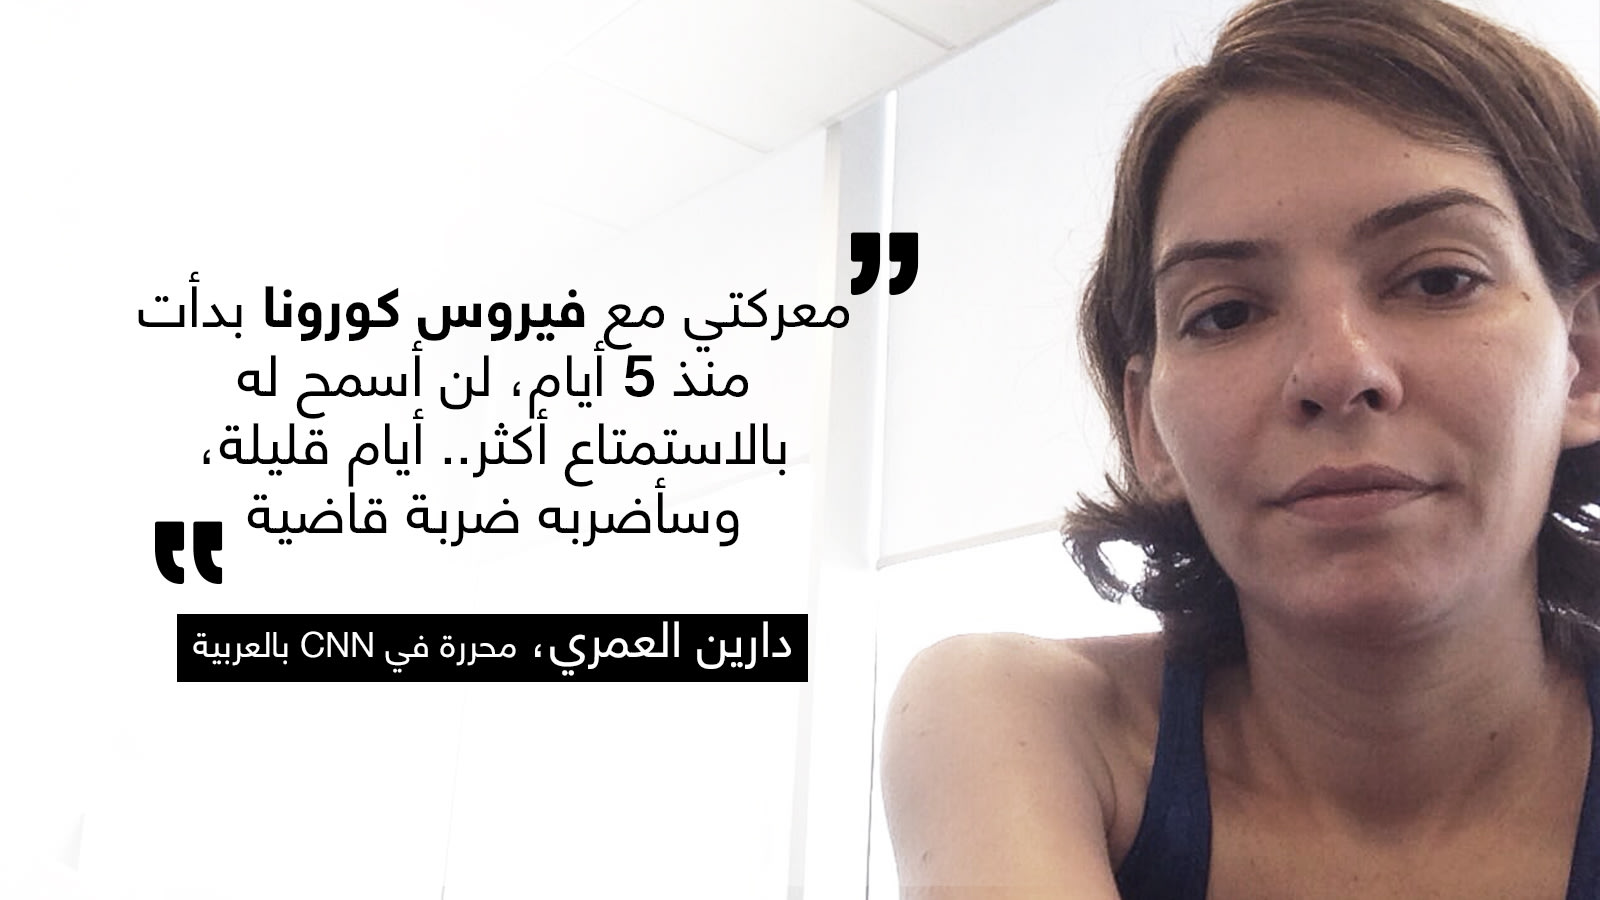 دارين العمري، محررة في موقع CNN بالعربية